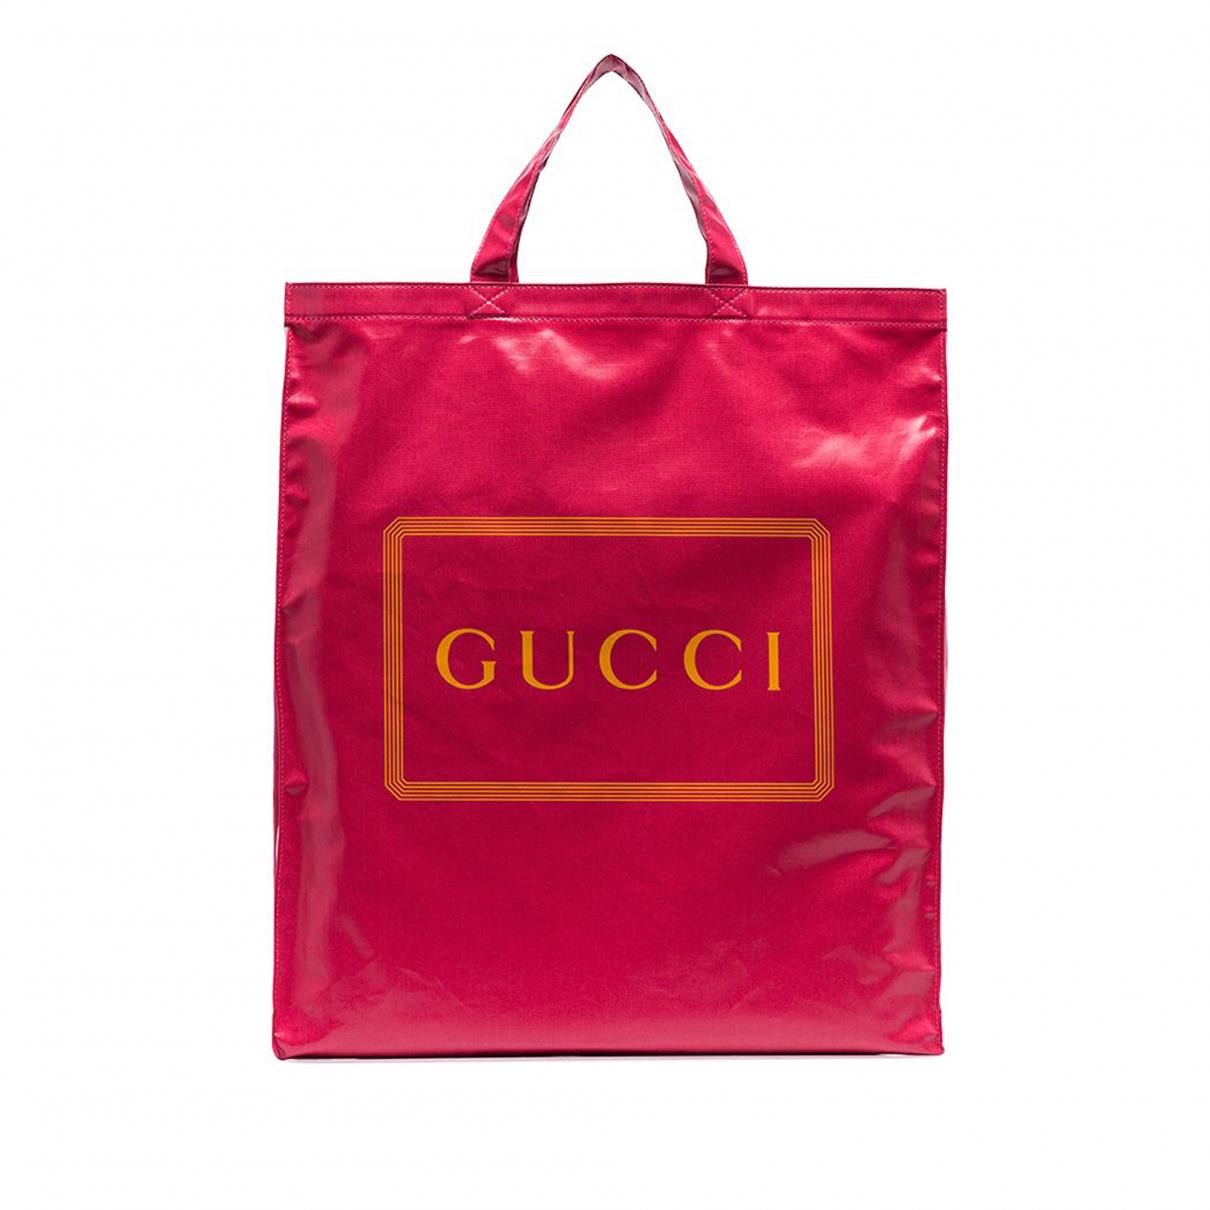 Gucci \N Handtasche in  Rot Leinen